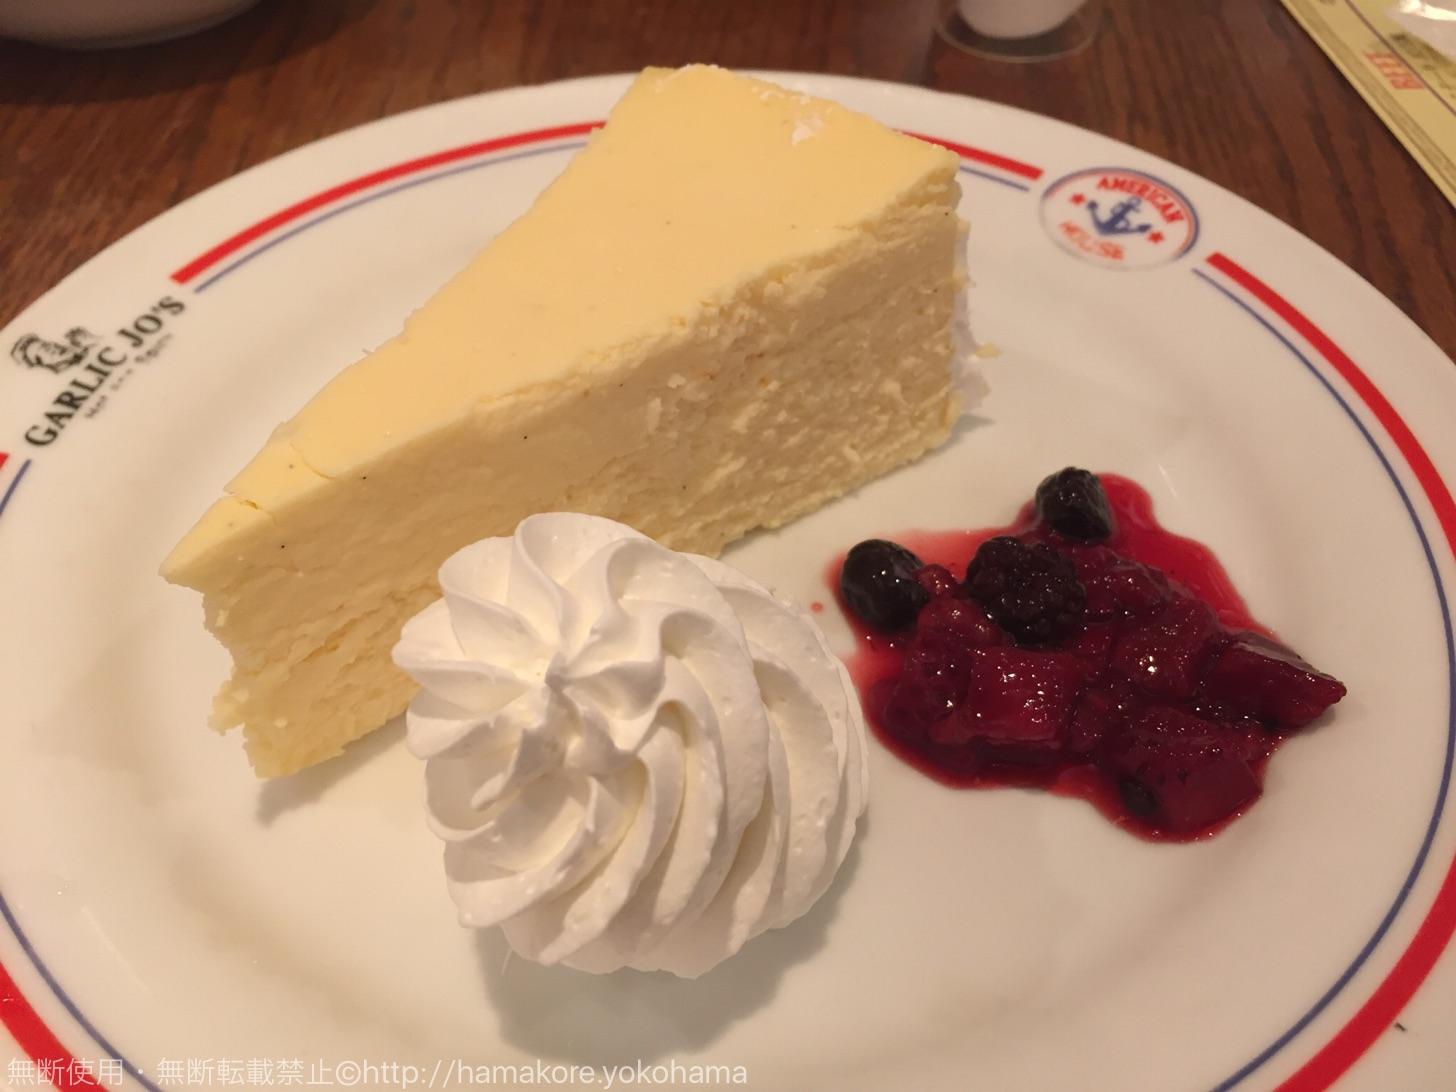 ニューヨークチーズ 630円